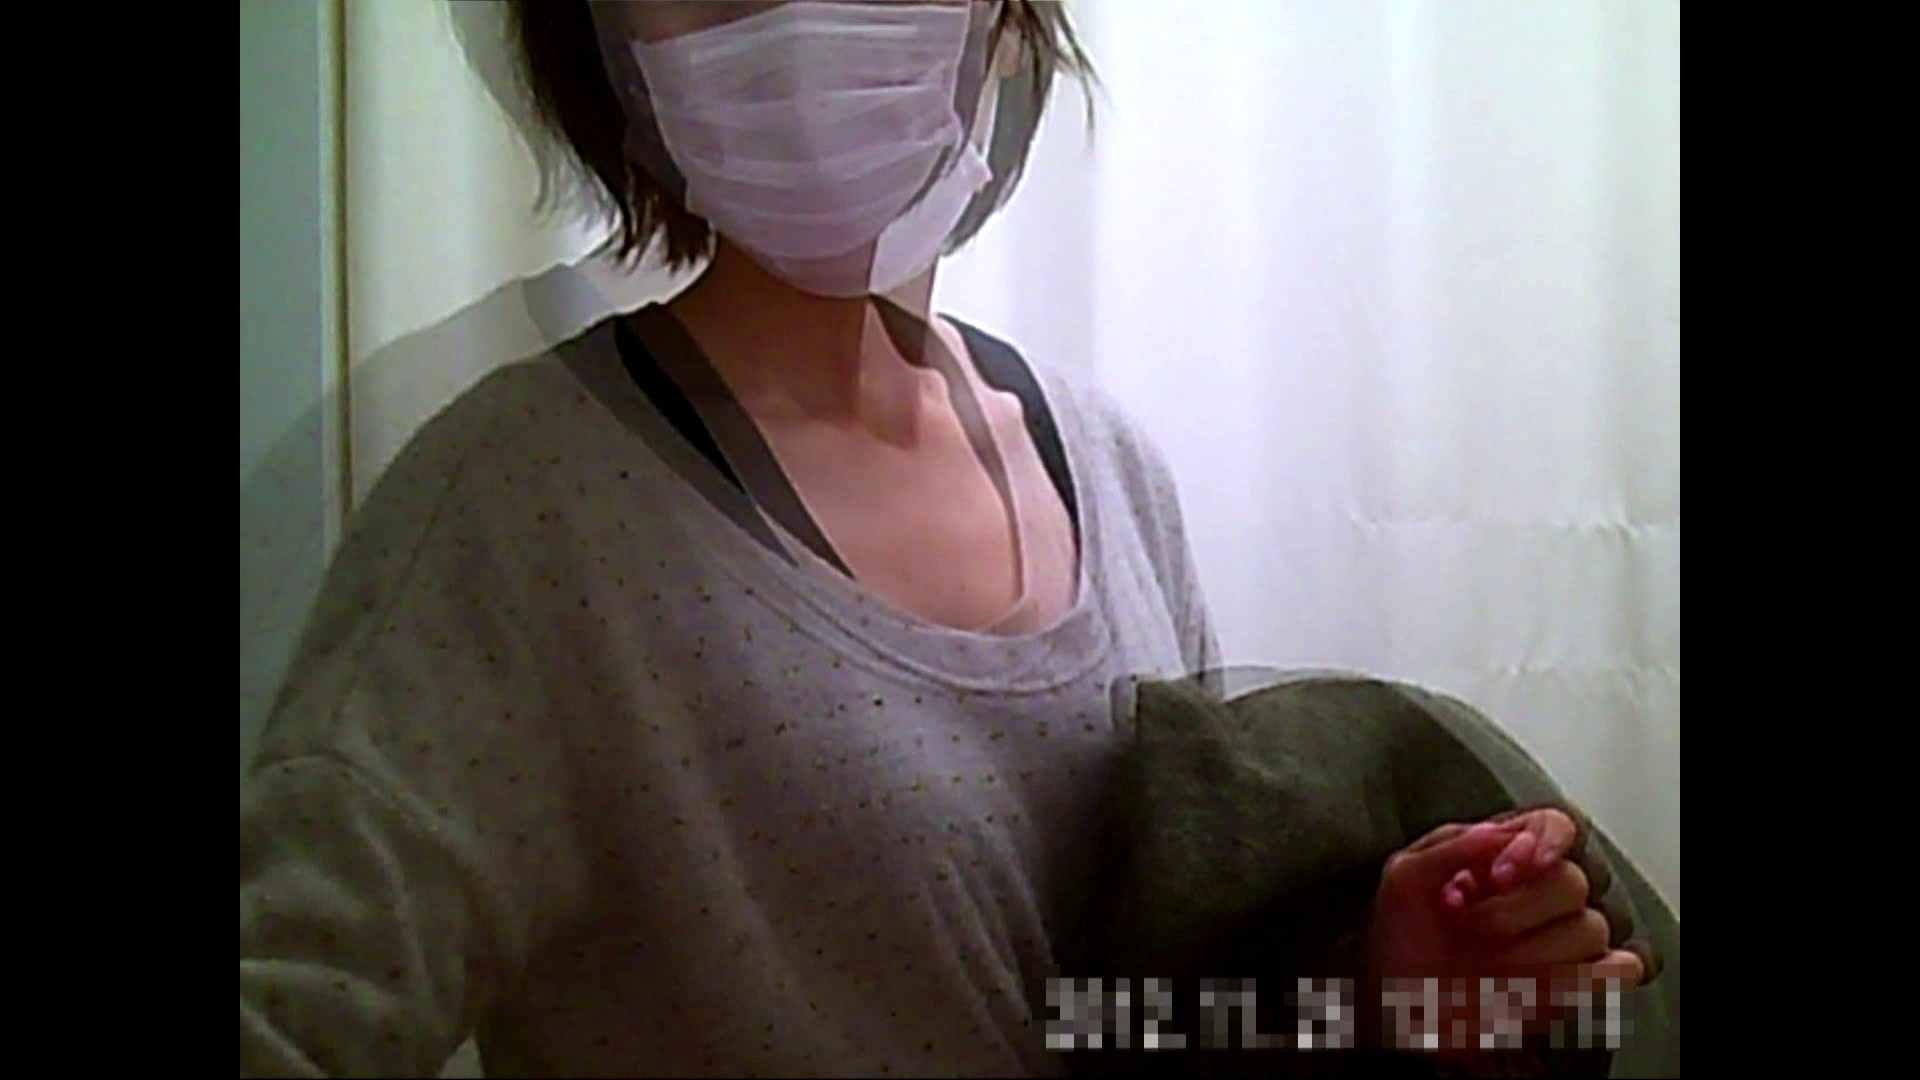 病院おもいっきり着替え! vol.159 OLセックス  106画像 84